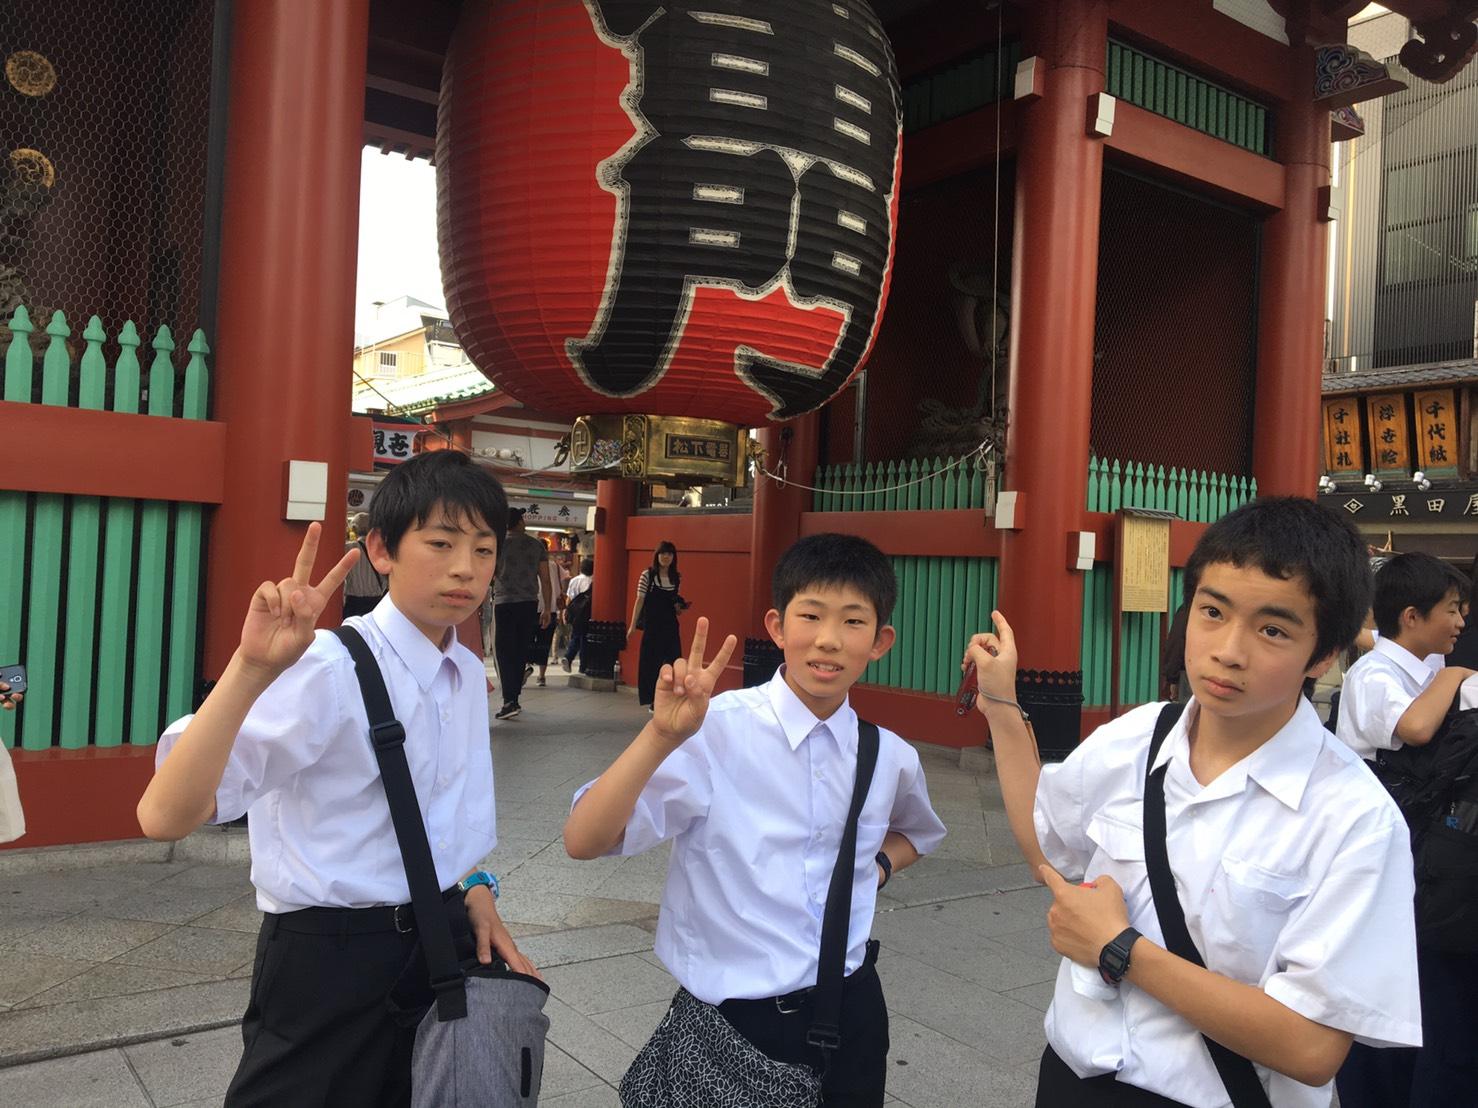 http://www.kitashitara.jp/toyone-jh/1526546062499.jpg